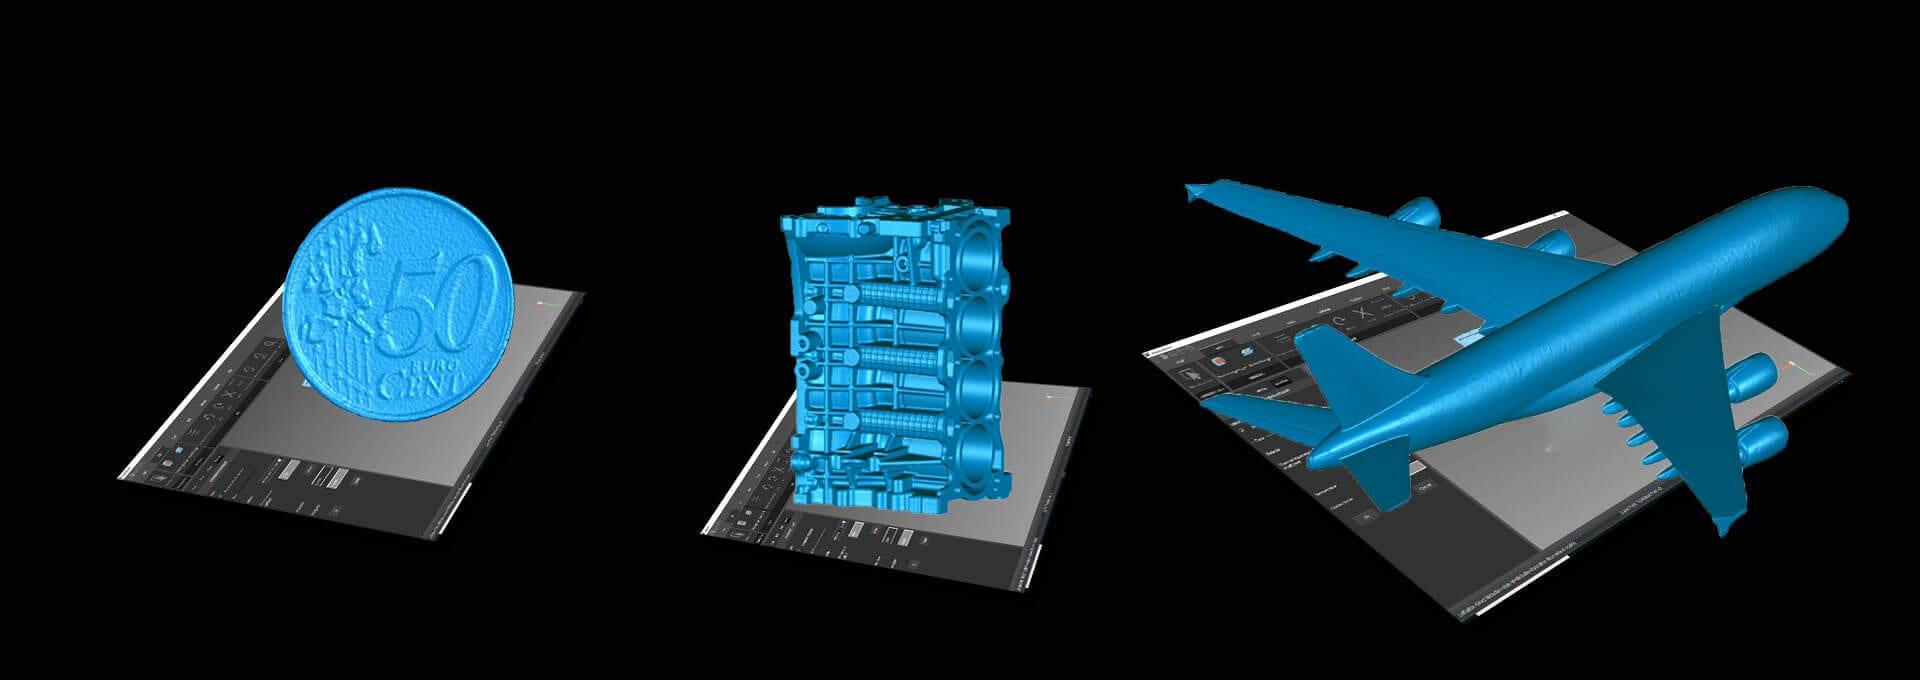 Üç Boyutlu Temassız Ölçüm Cihazlarında Yeni Teknolojiler